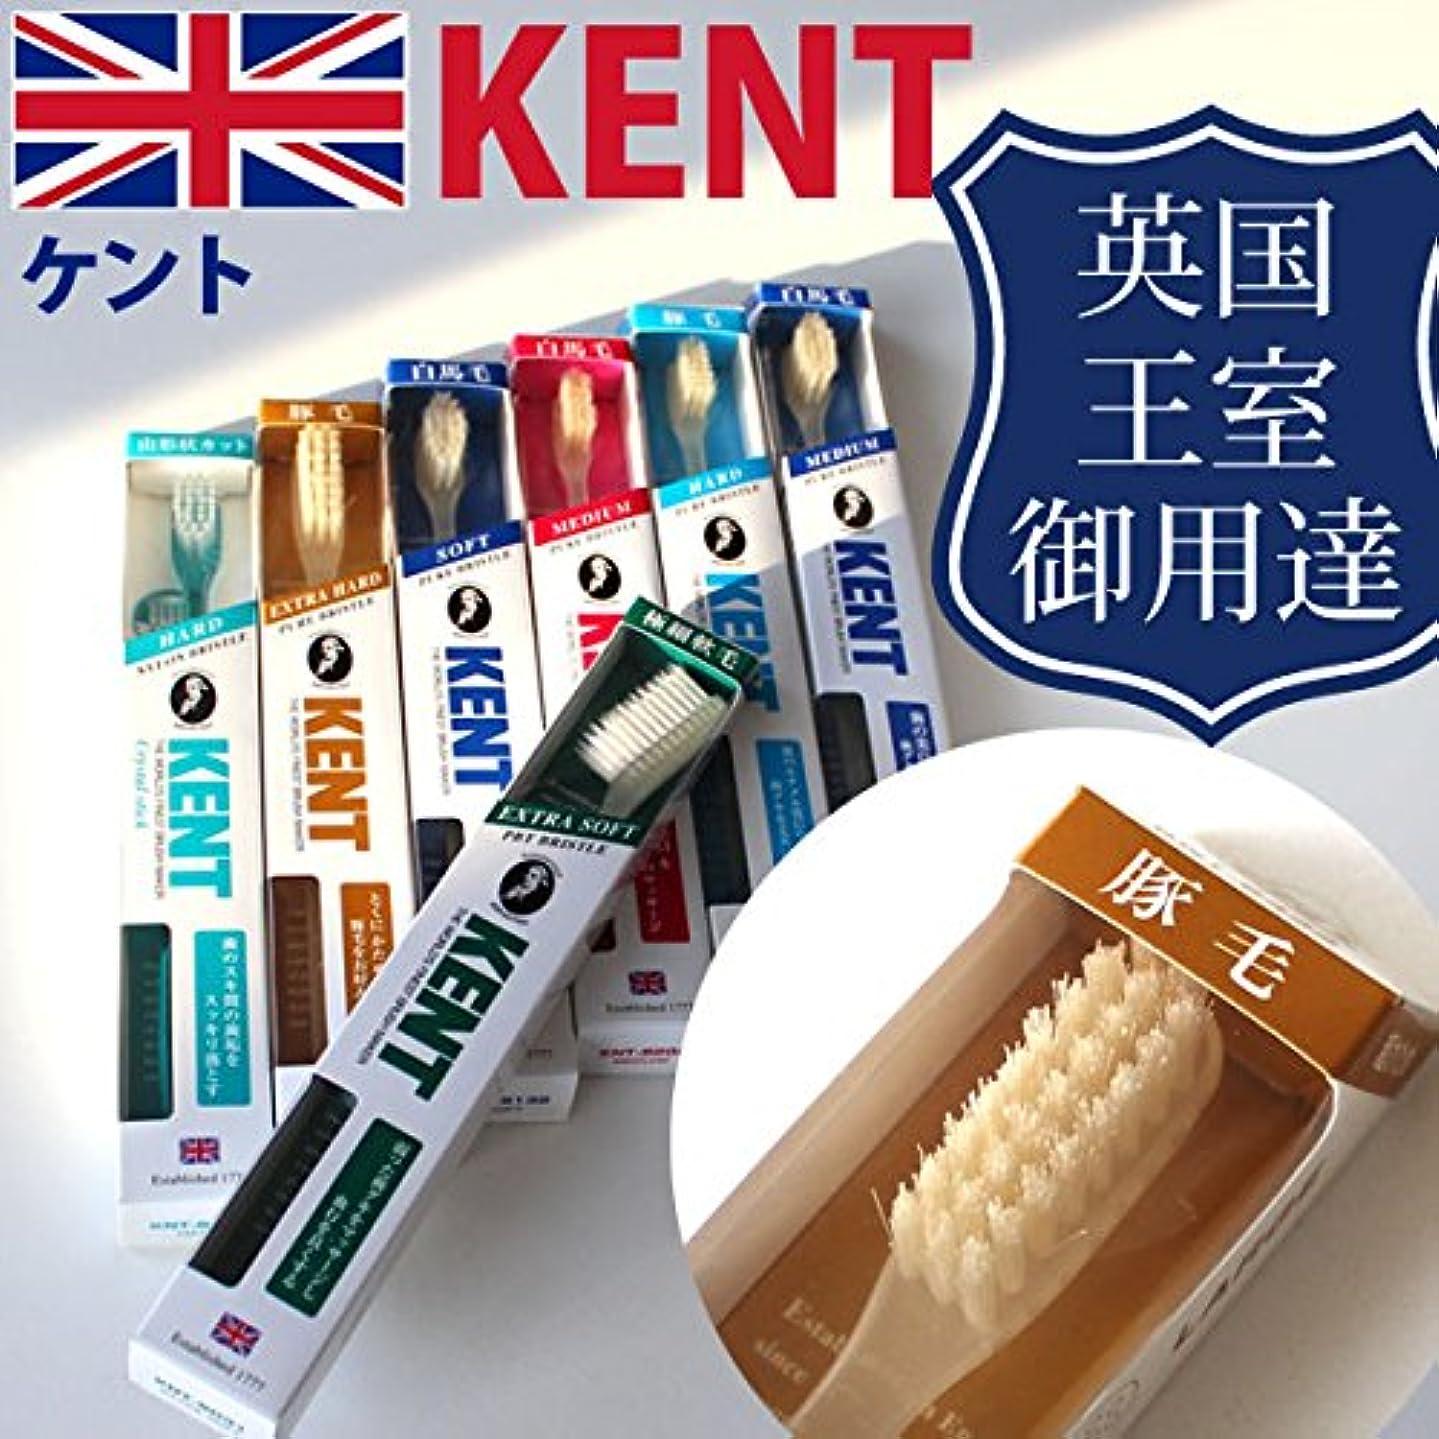 に勝る現像ゲージケント KENT 豚毛 コンパクト 歯ブラシKNT-9233/9833 6本入り 他の天然毛の歯ブラシに比べて細かく磨 かため